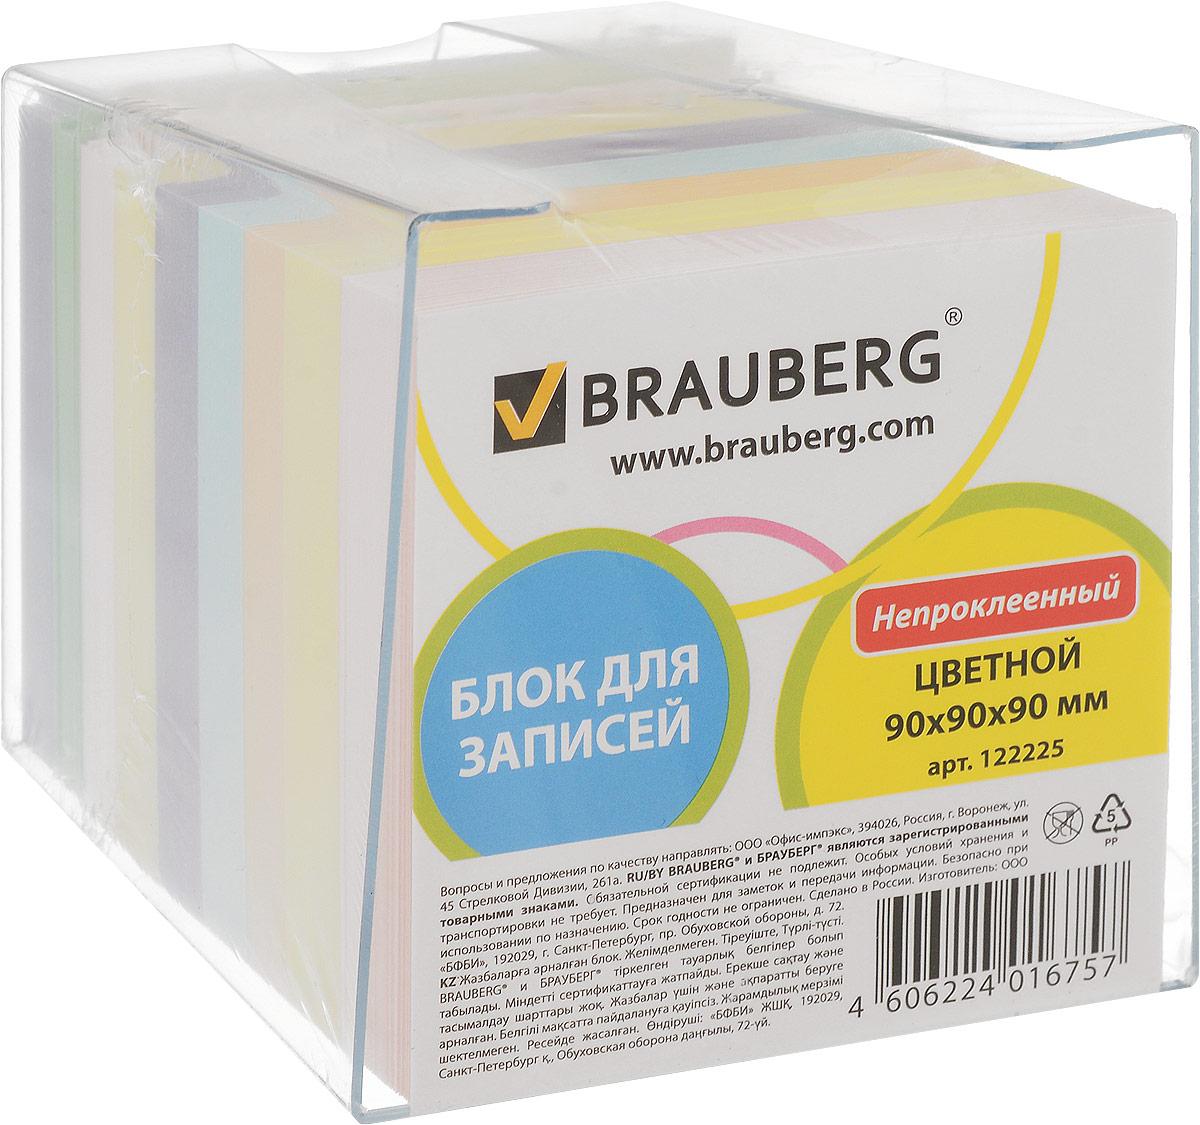 Brauberg Блок для записей непроклеенный 9 х 9 см 122225122225Блок для записей Brauberg - практичное решение для оперативной записи информации в офисе или дома. Блок состоит из листов разноцветной бумаги, что помогает лучше ориентироваться во множестве повседневных заметок.А яркий блок-кубик на вашем рабочем столе поднимет настроение вам и вашим коллегам!Бумага для записей поставляется в удобной пластиковой подставке. Когда бумага закончится, можно вставить сменный блок.